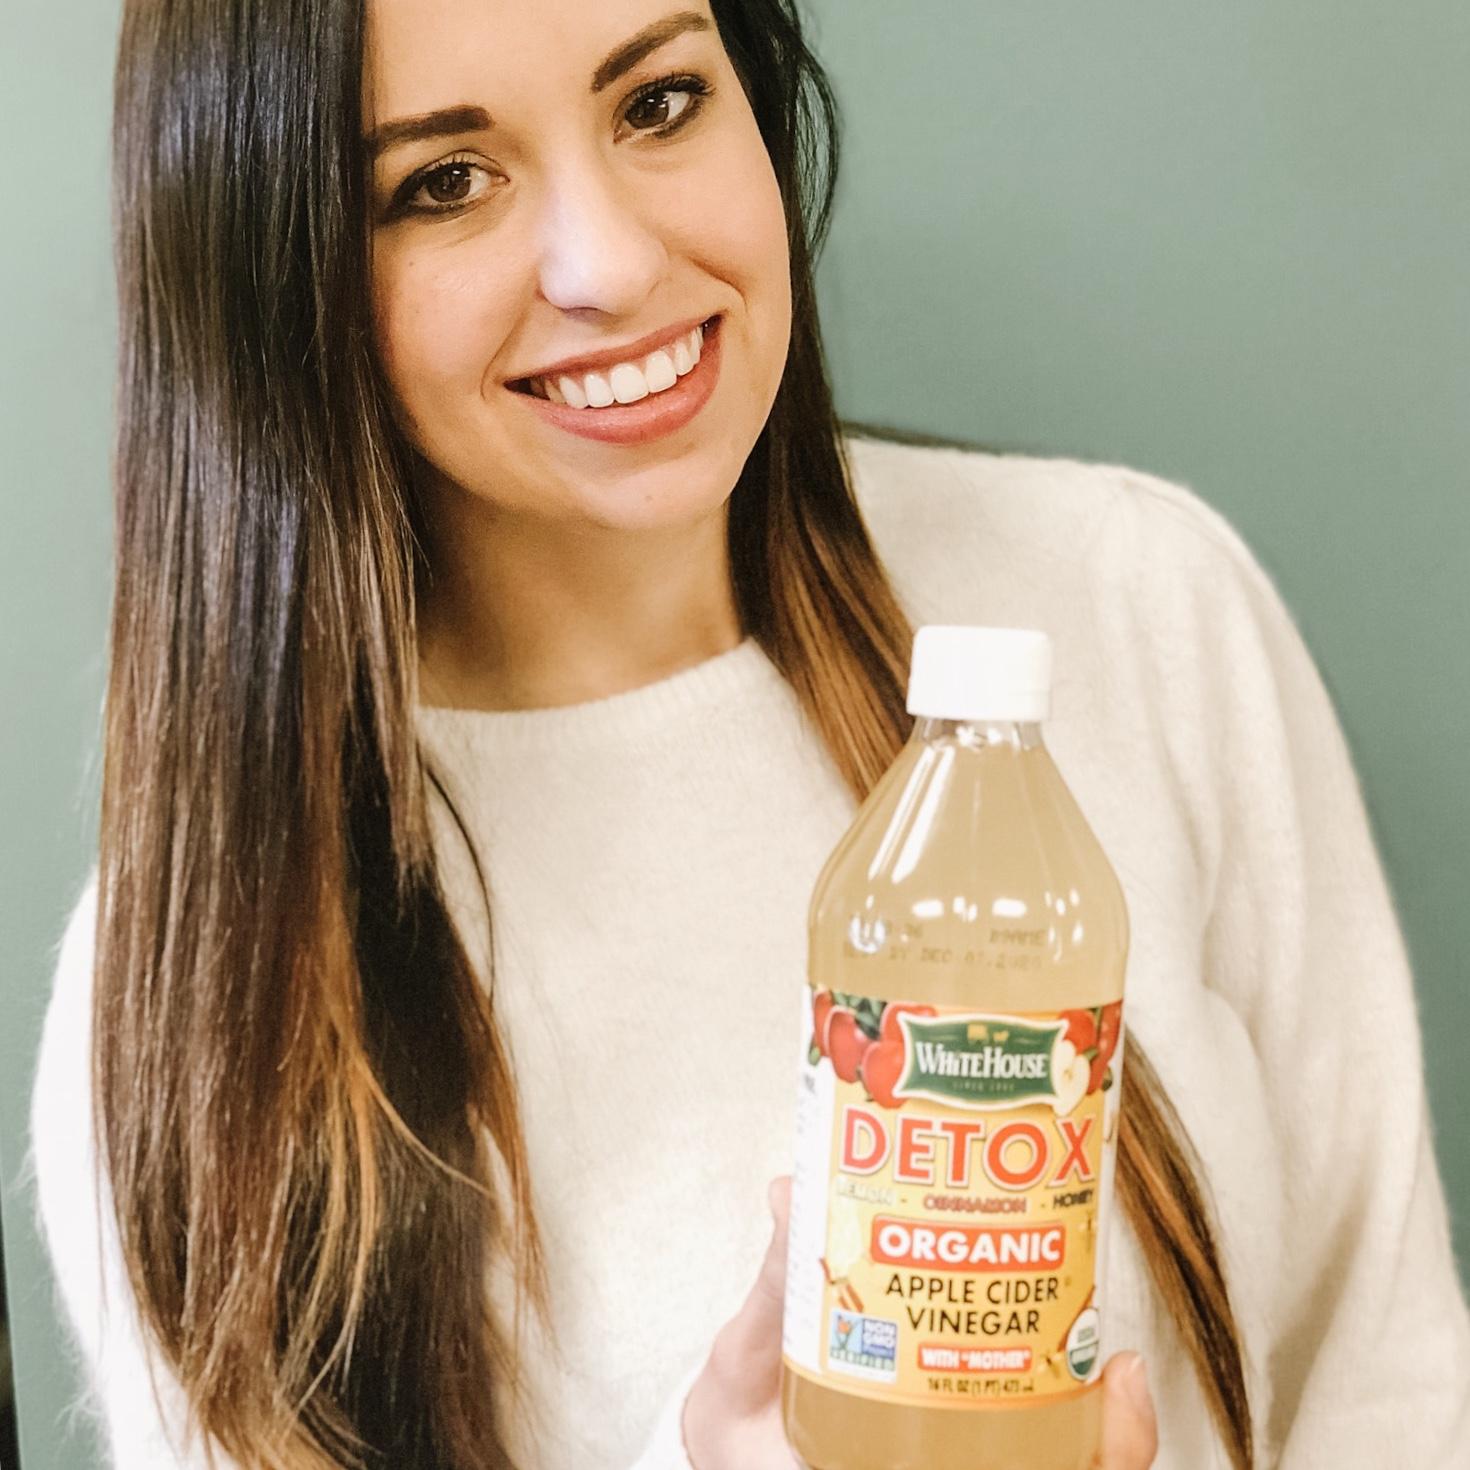 7 Day Detox with White House Foods apple cider vinegar DETOX